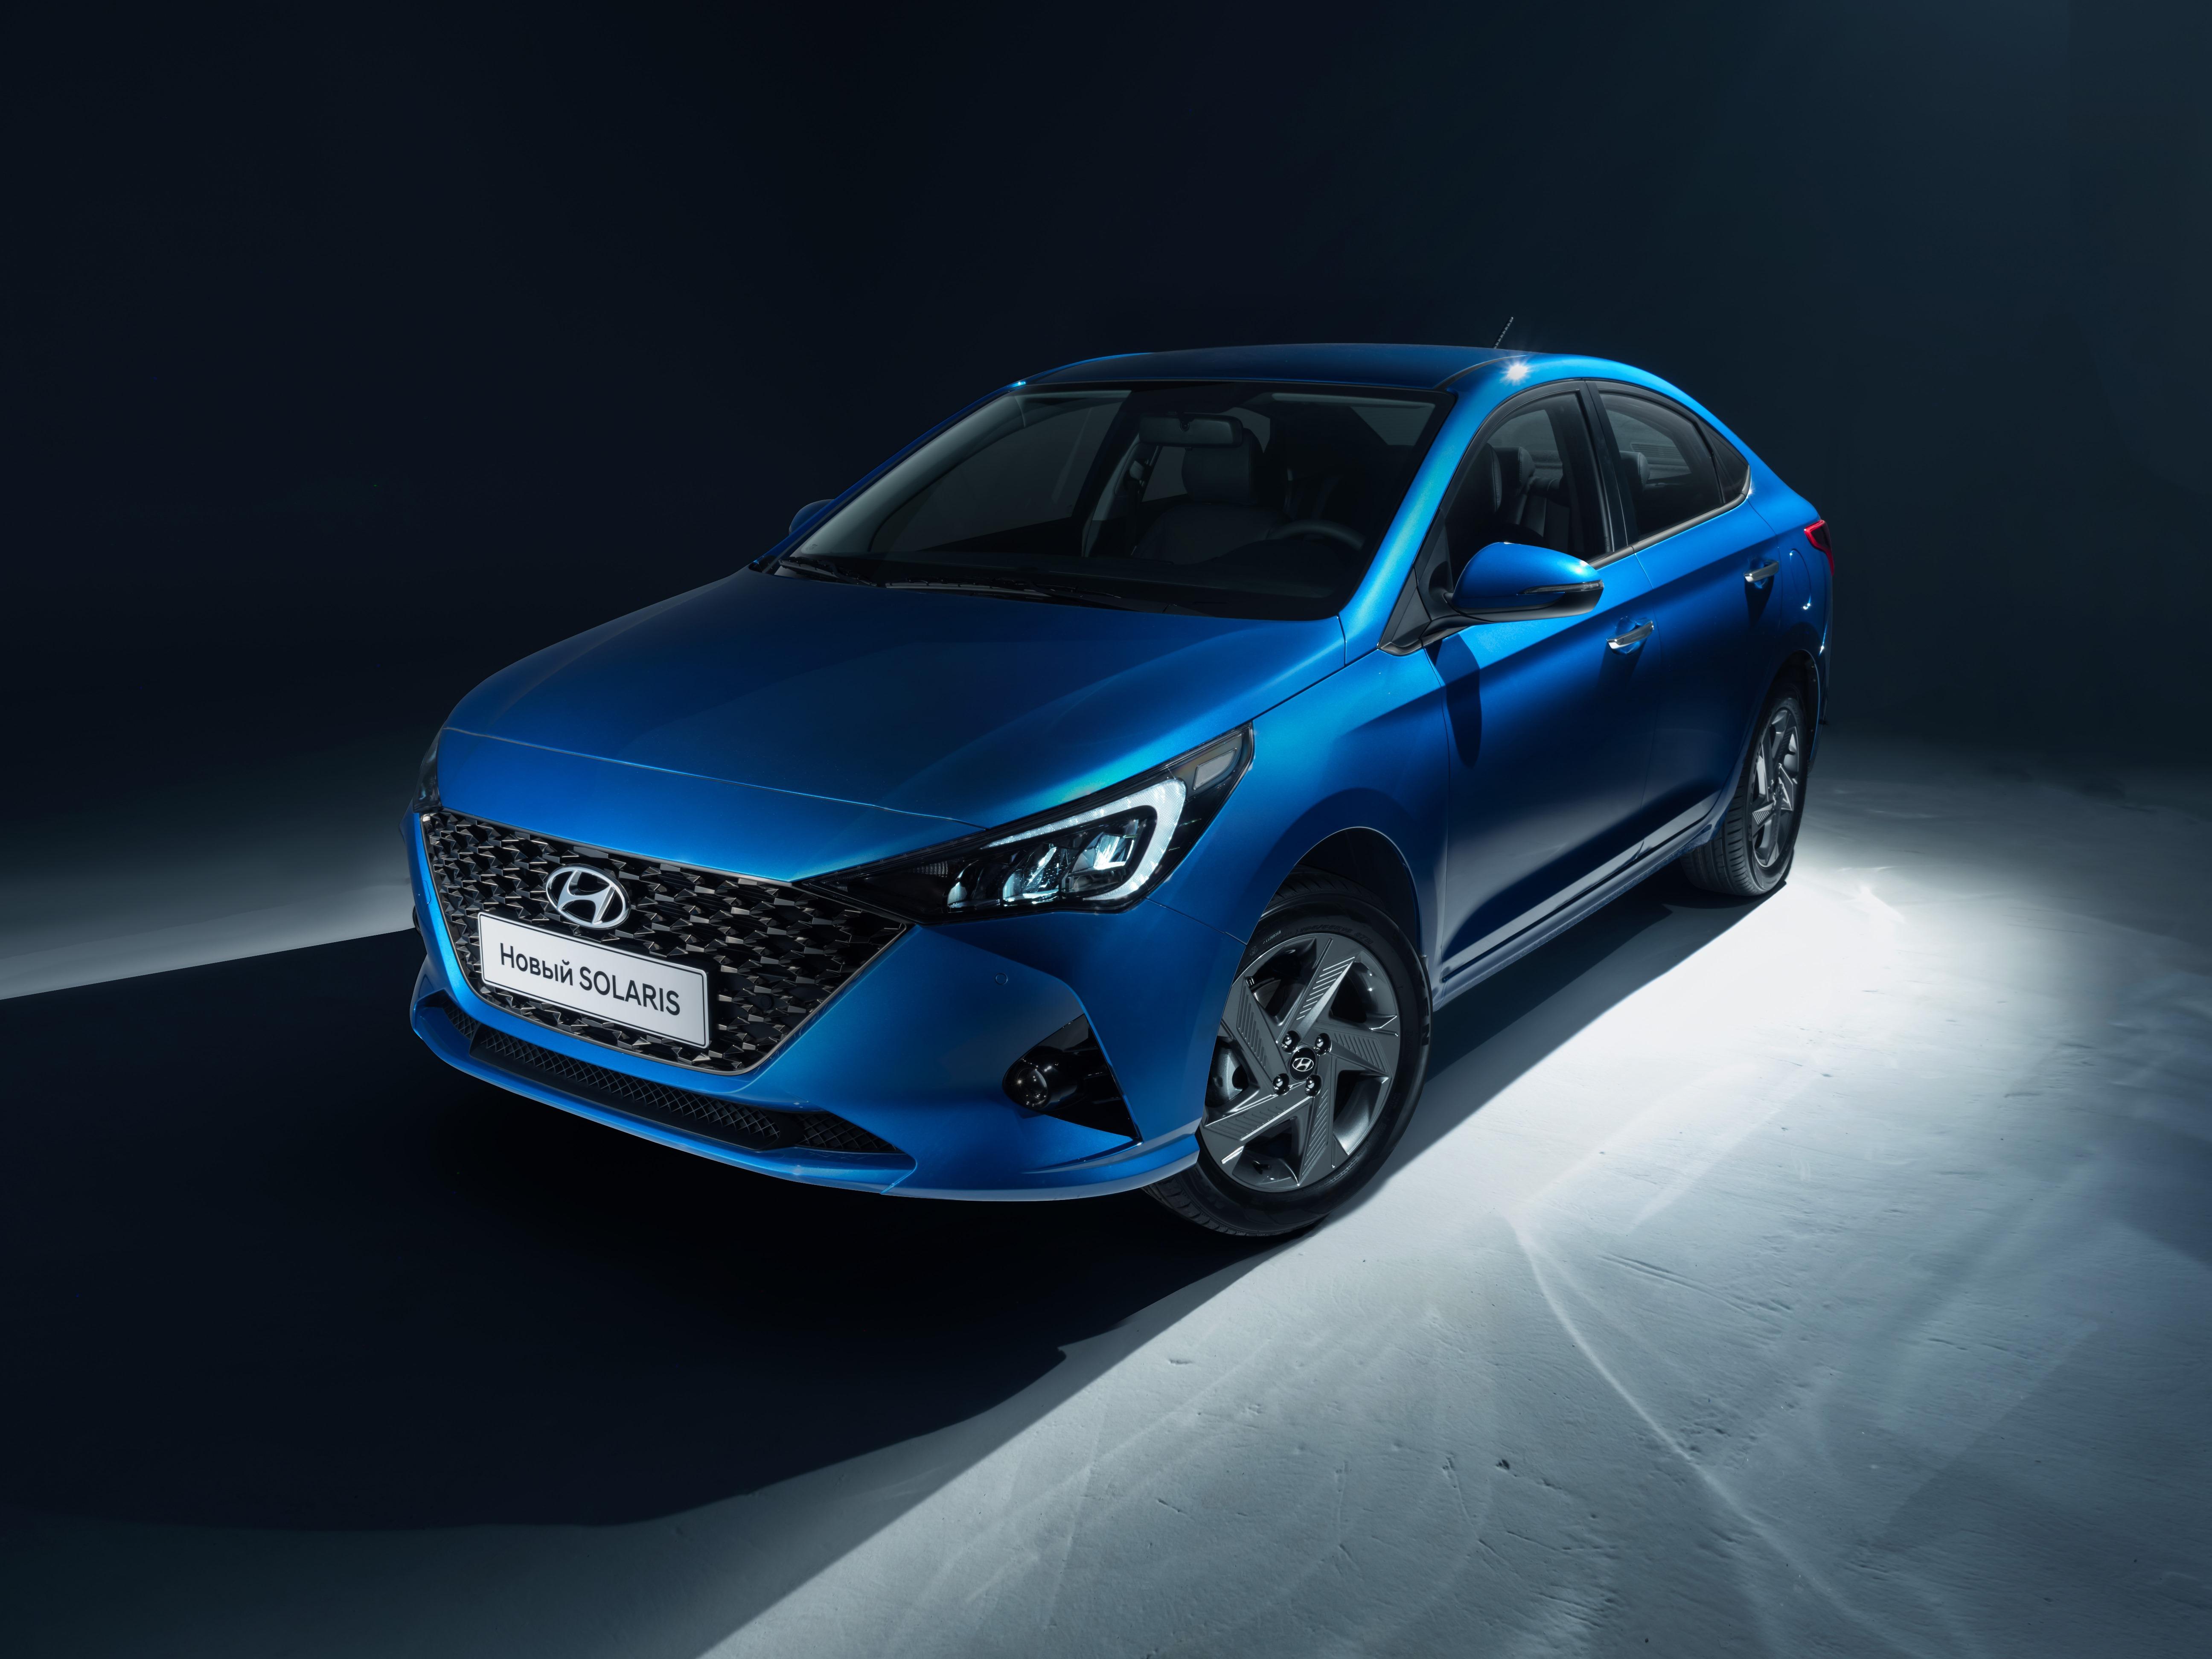 Hyundai Motor представила первые официальные фото обновлённого Hyundai Solaris